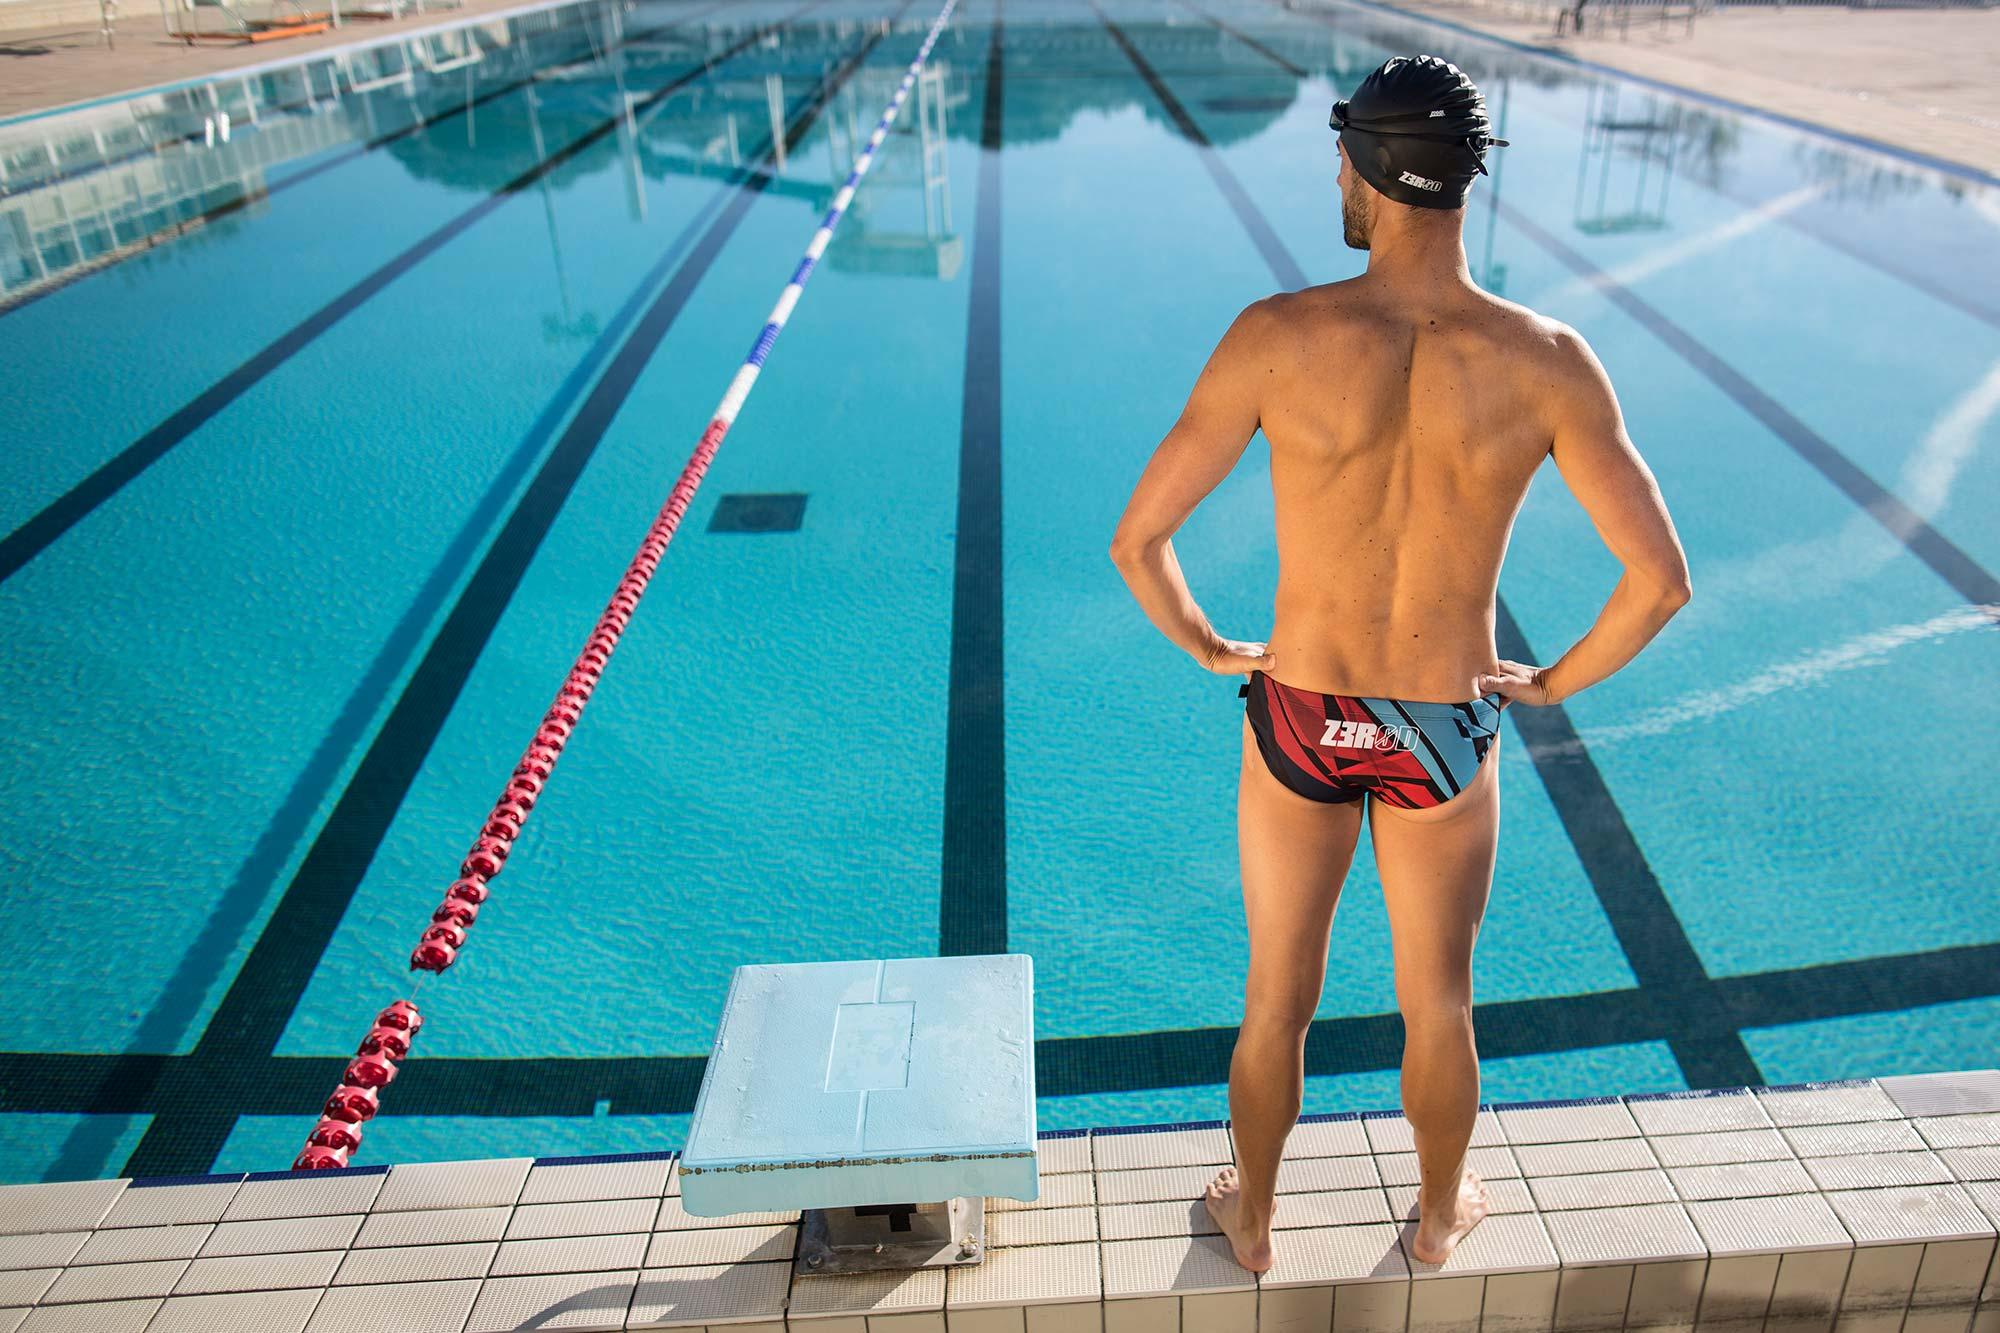 maillot de bain zerod Z3R0D